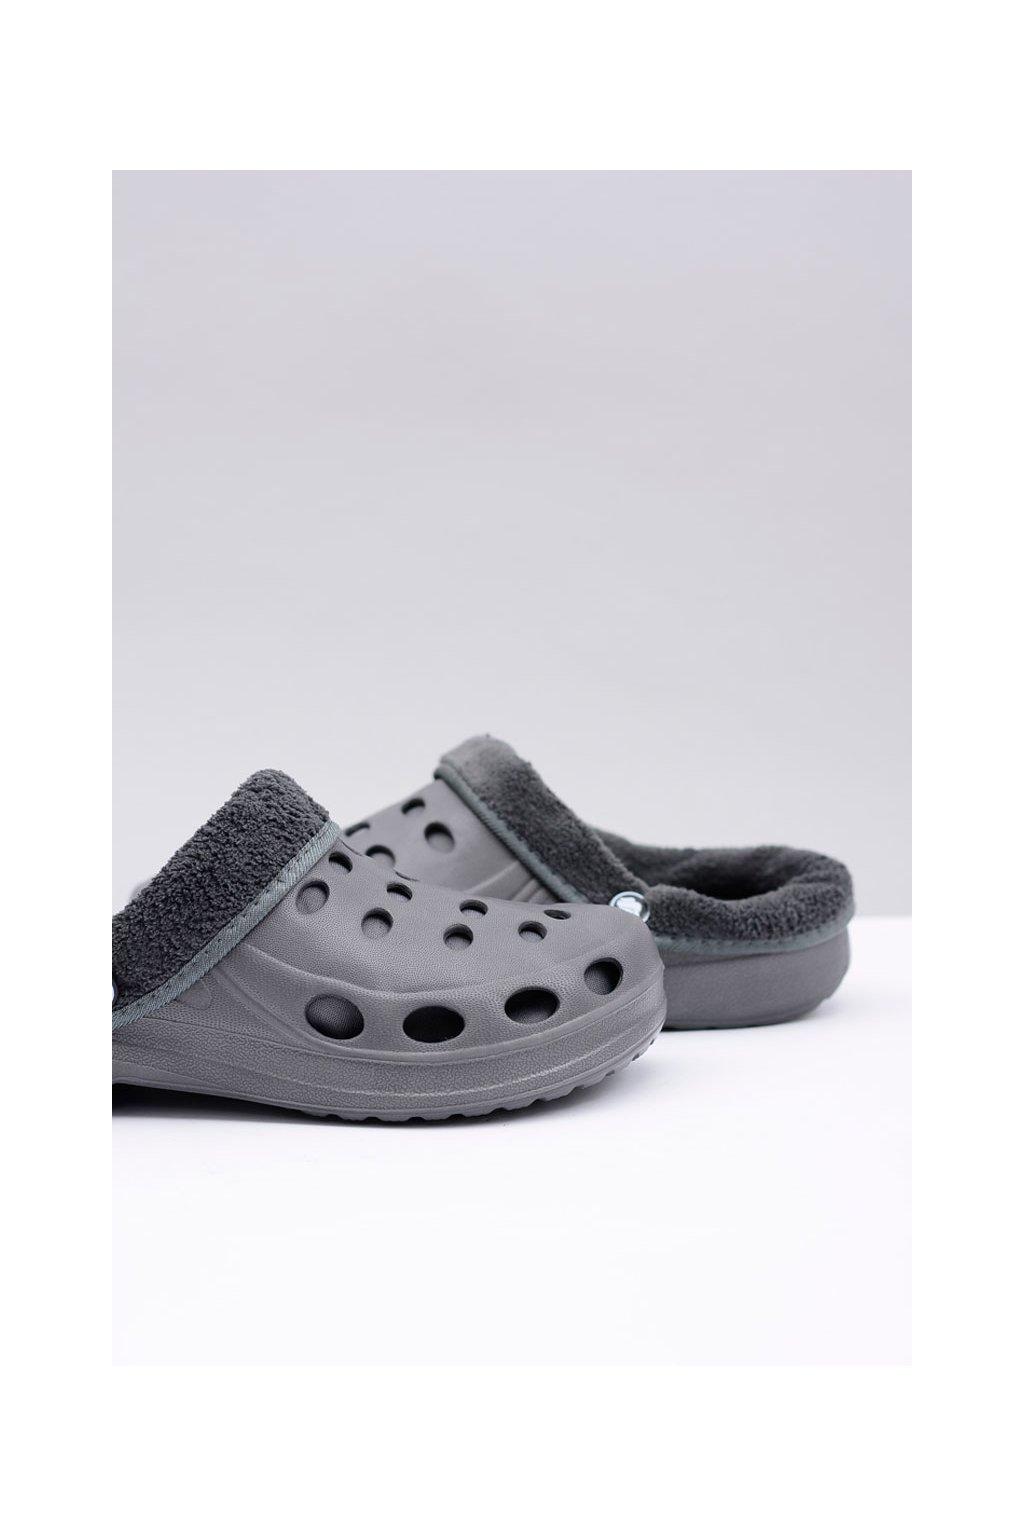 pánske Klasické šľapky Sandále Teplé sivé Crocsy EVA